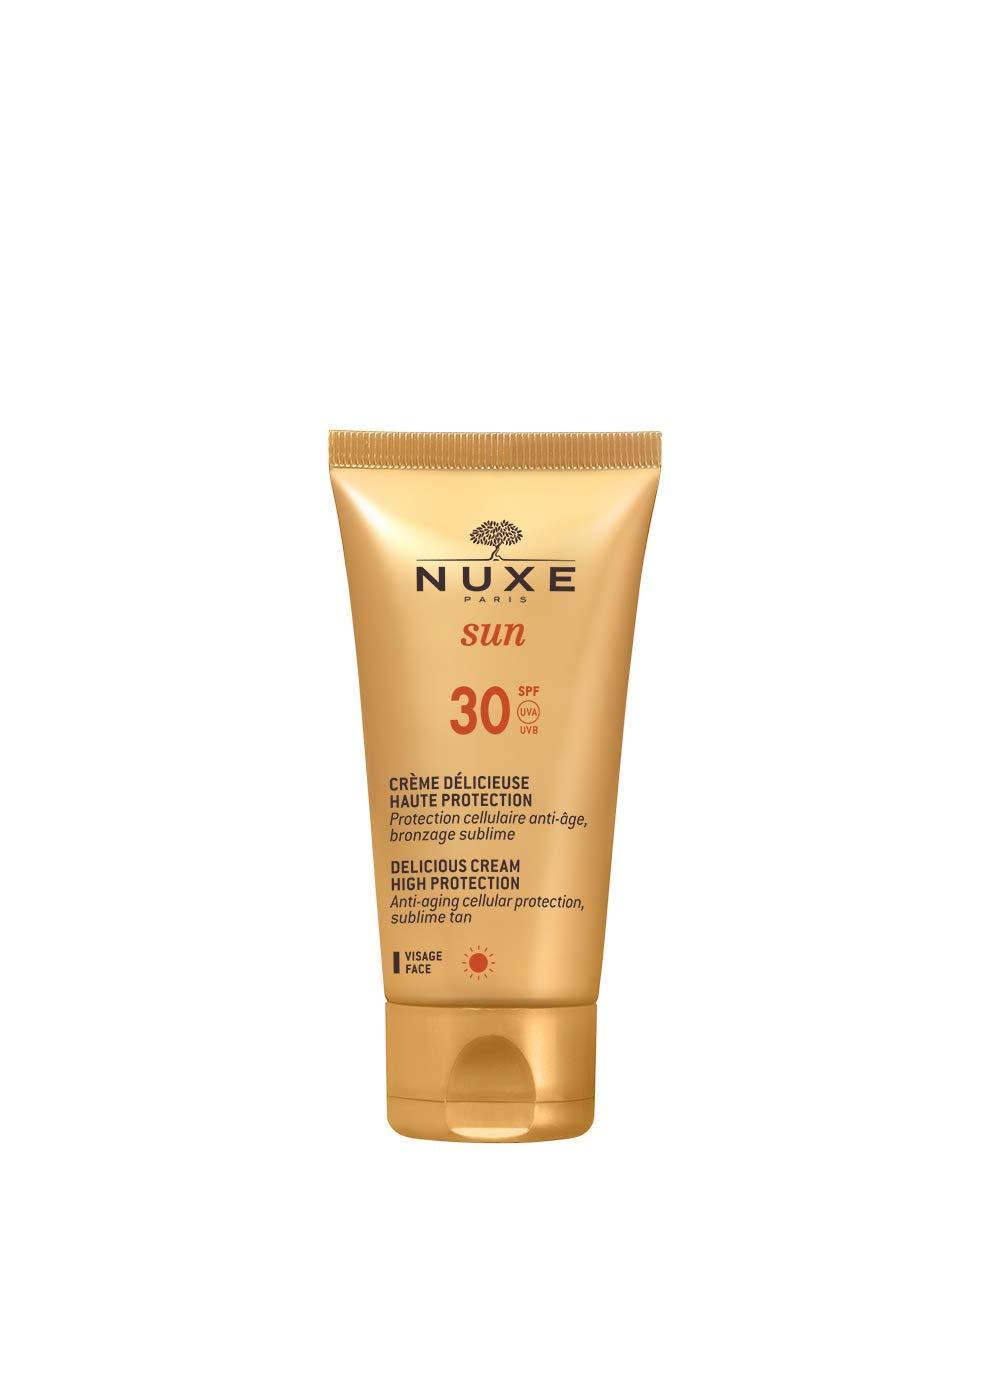 NUXE Crema deliciosa Alta protección spf 30